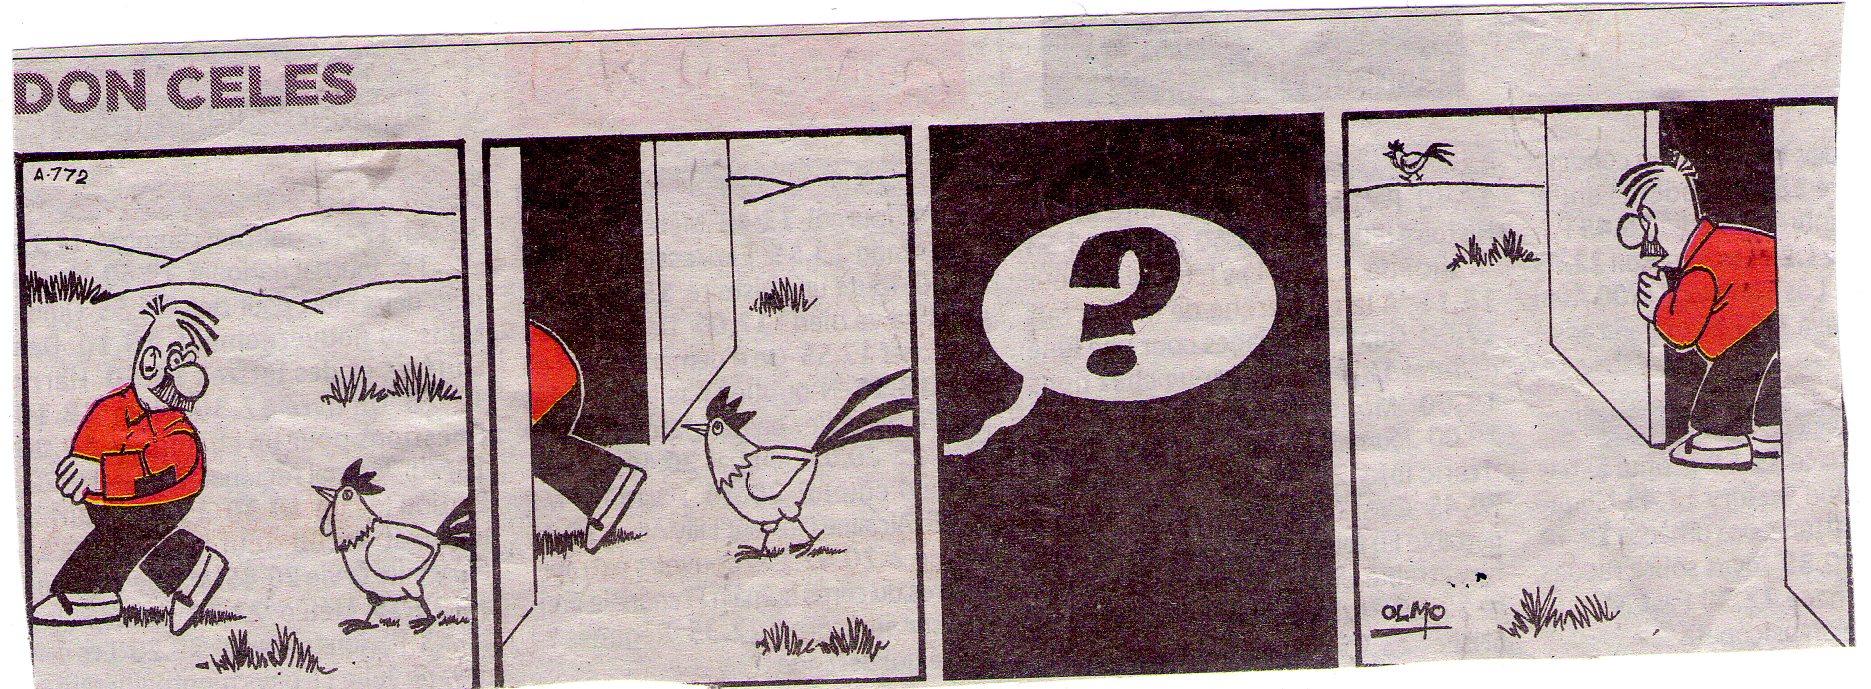 Don Celes quiere coger al gallo pero no consigue engañarle